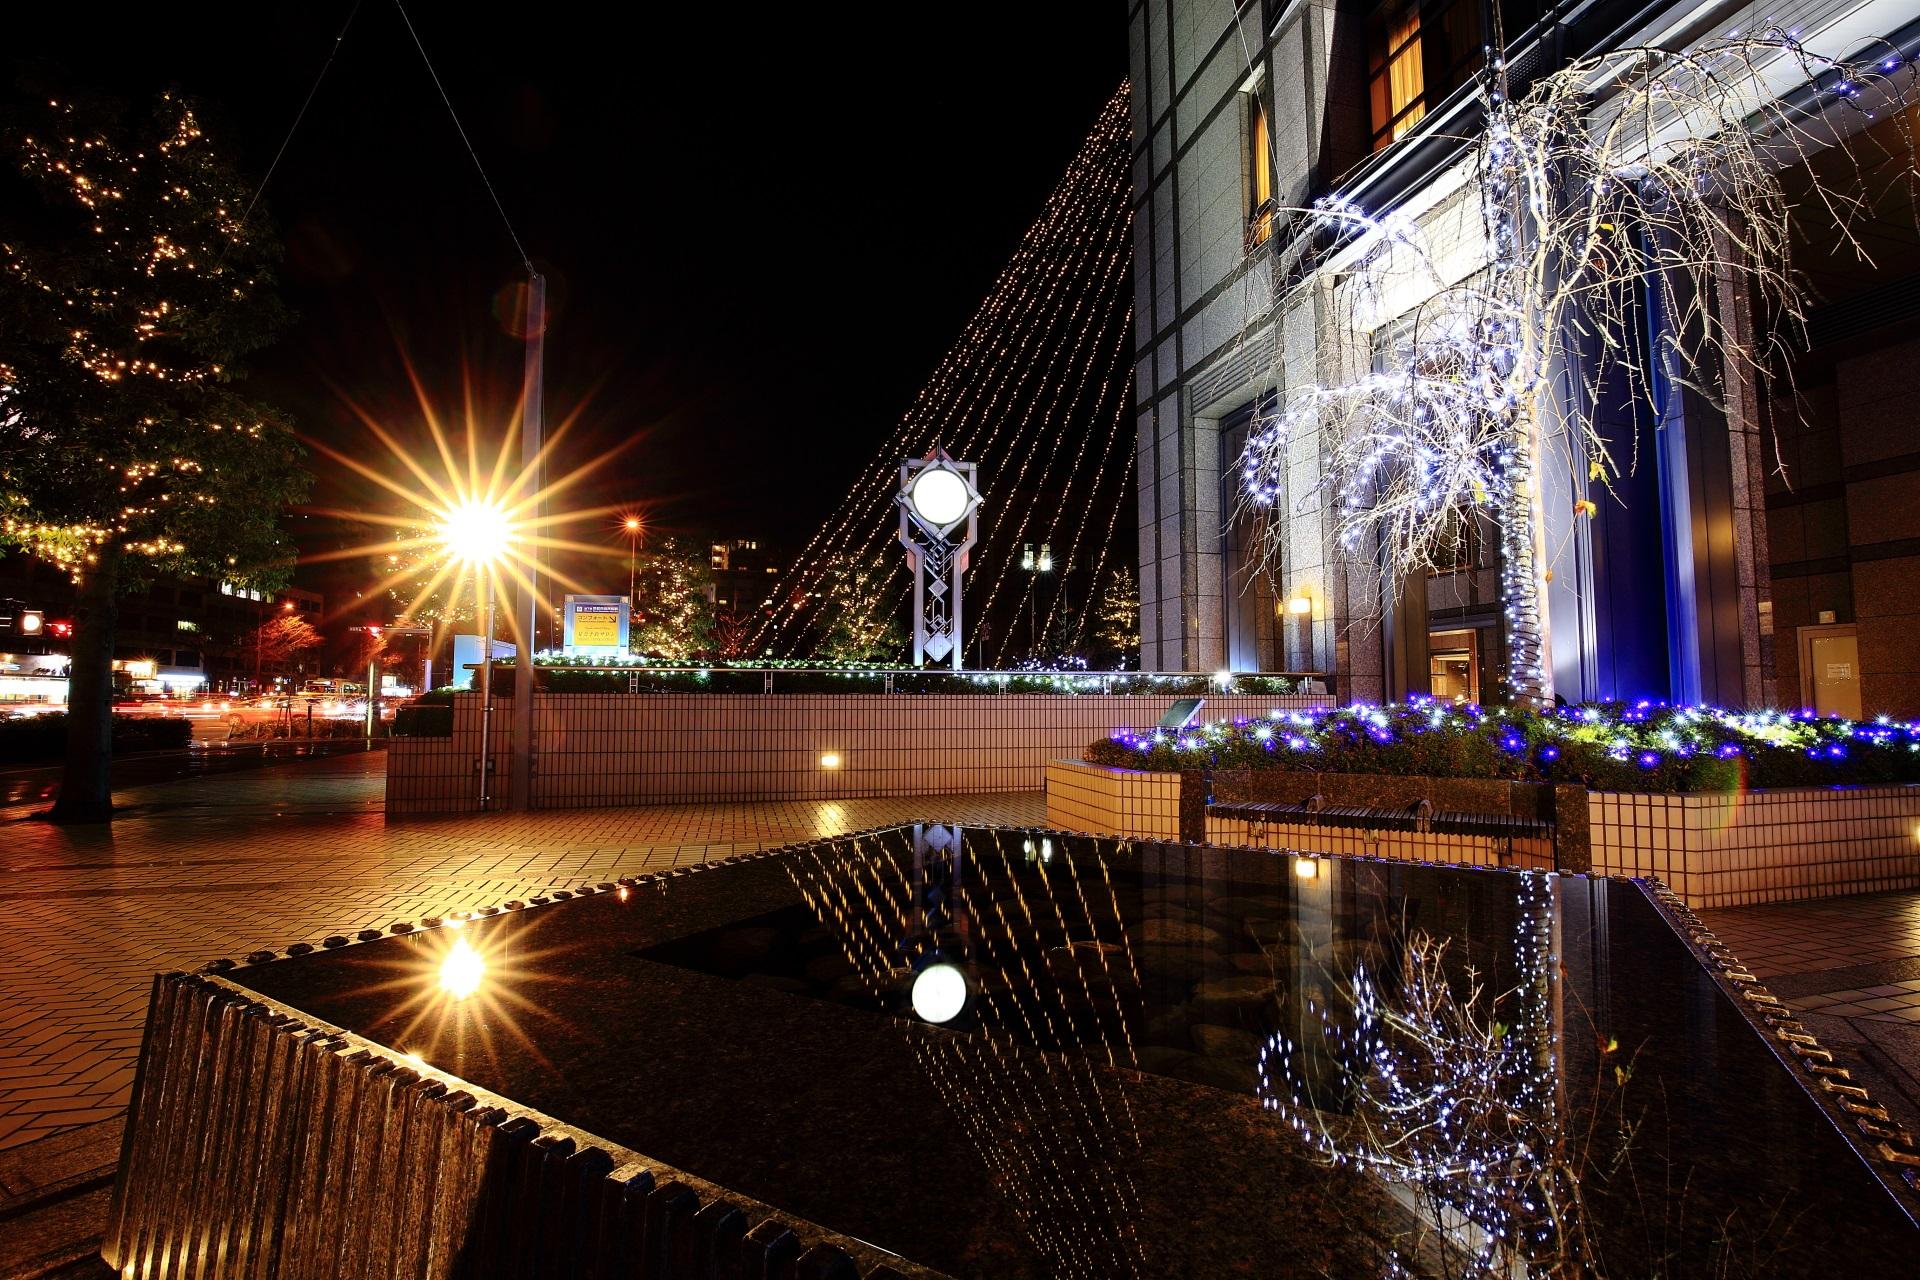 京都ホテルオークラの美しいイルミネーションの水鏡